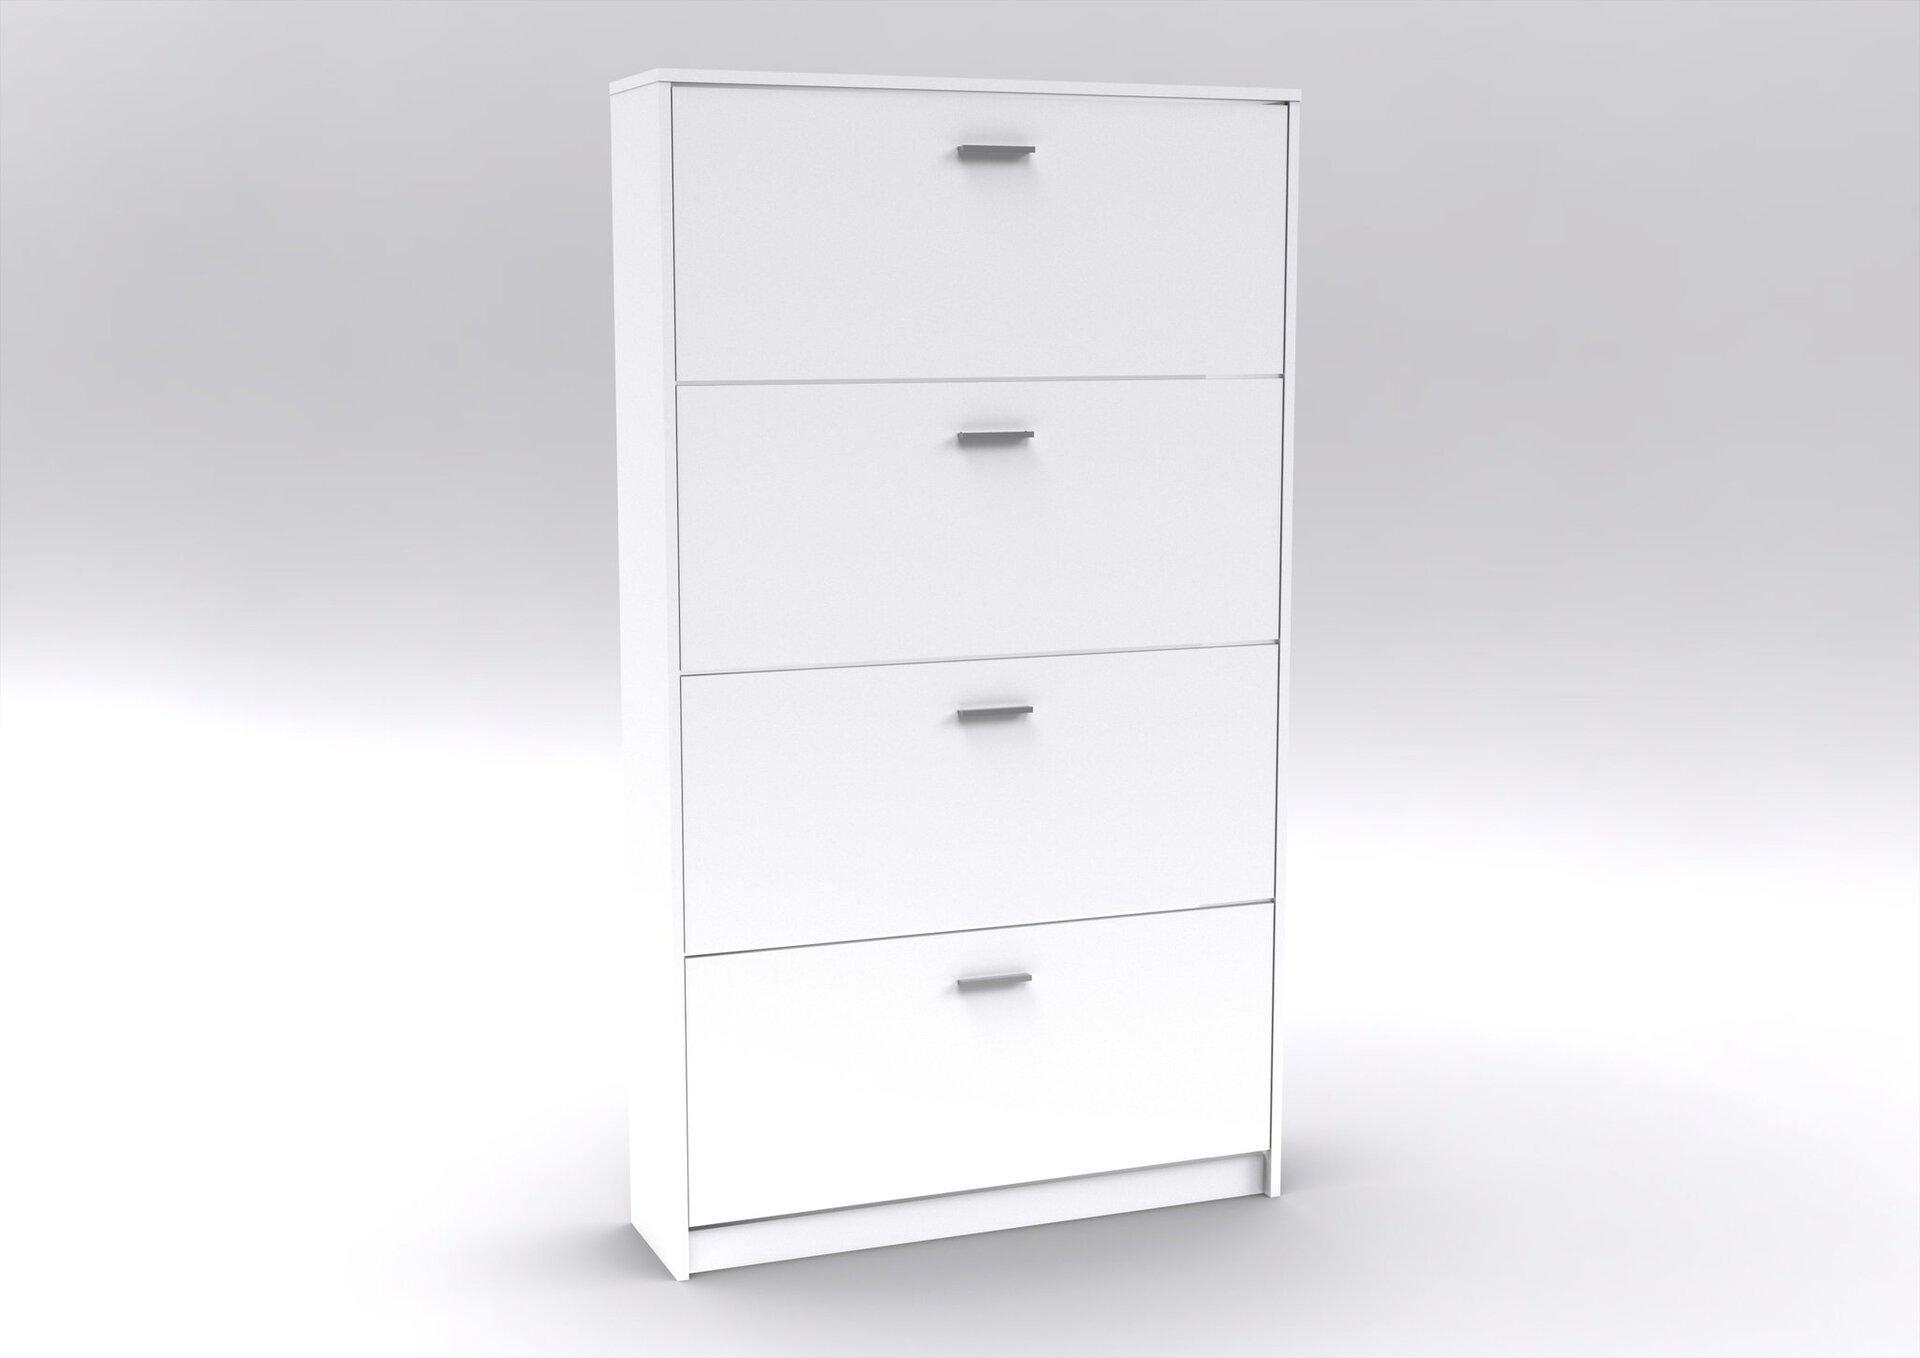 Schuhschrank HMW Möbel Holzwerkstoff weiß 2 x 1 cm